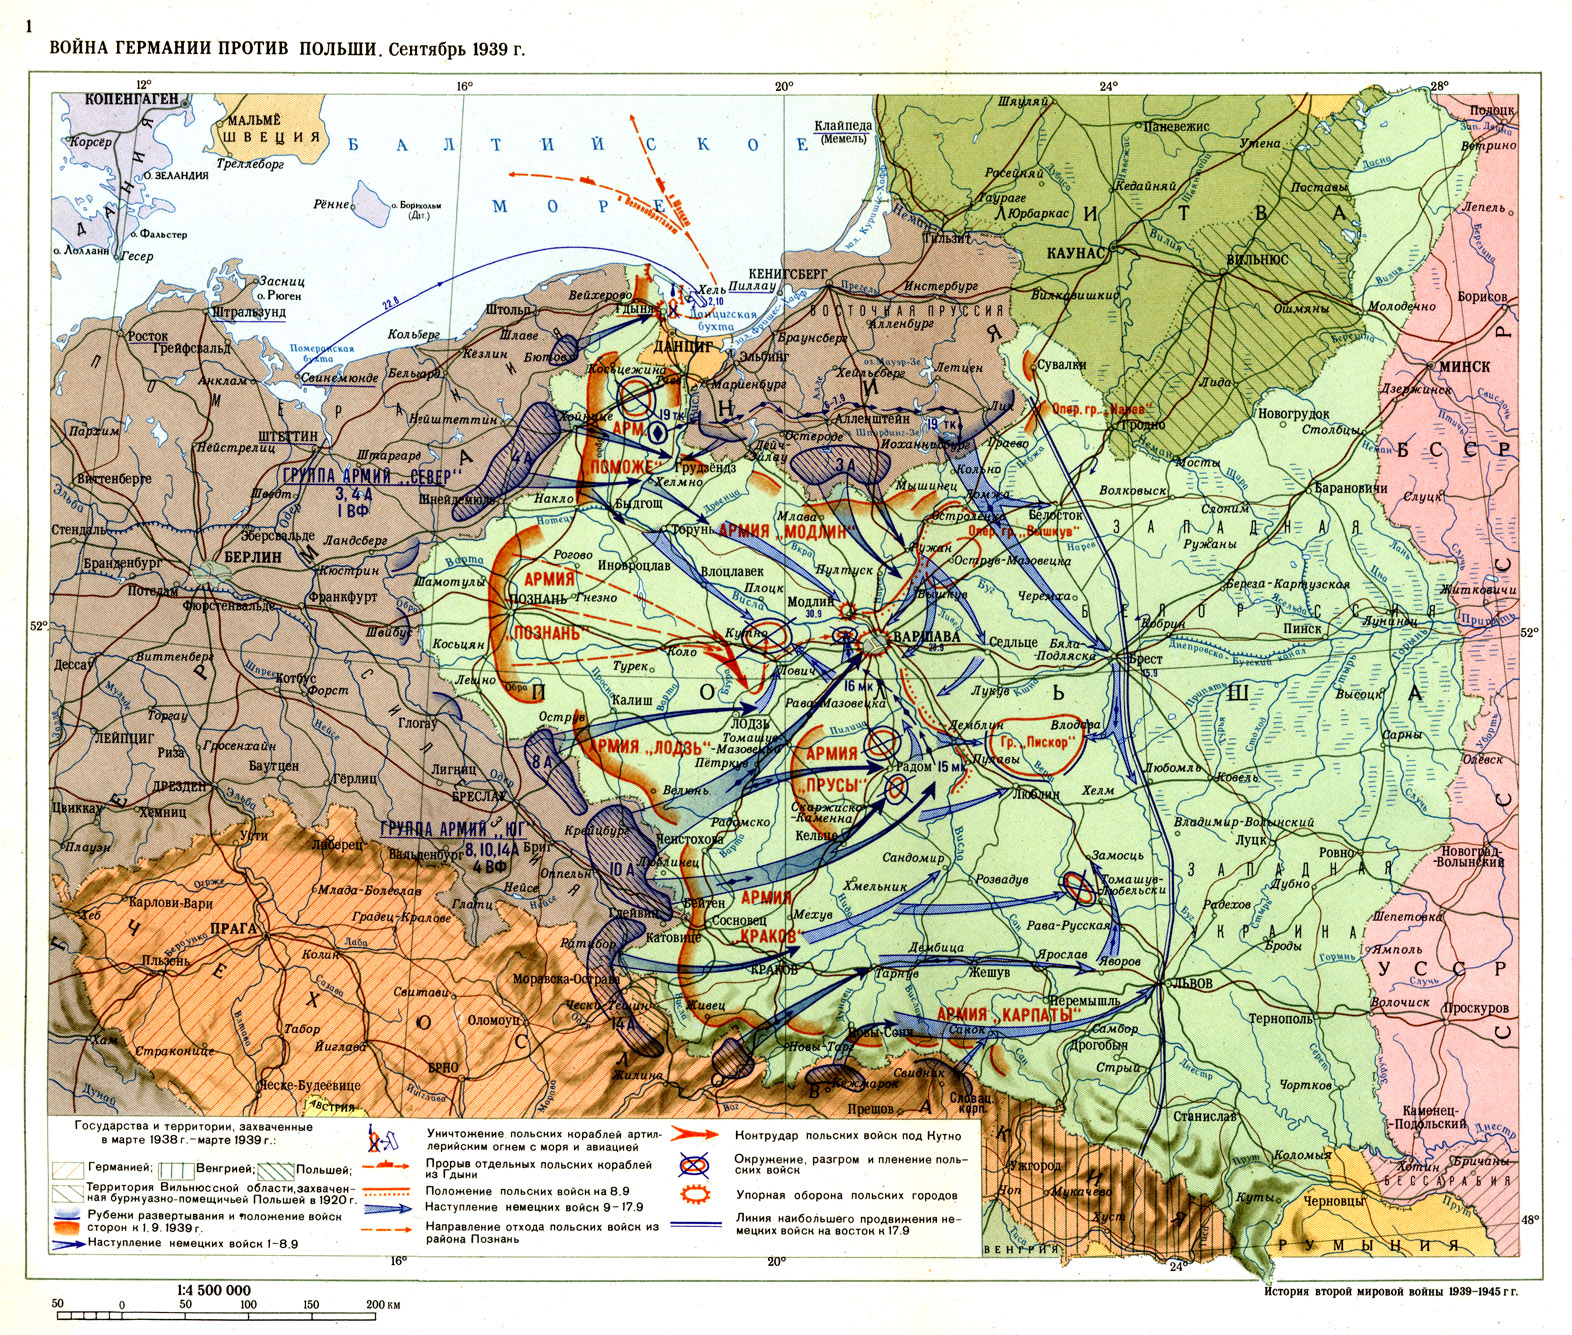 Истории второй мировой войны 1939 1945 гг